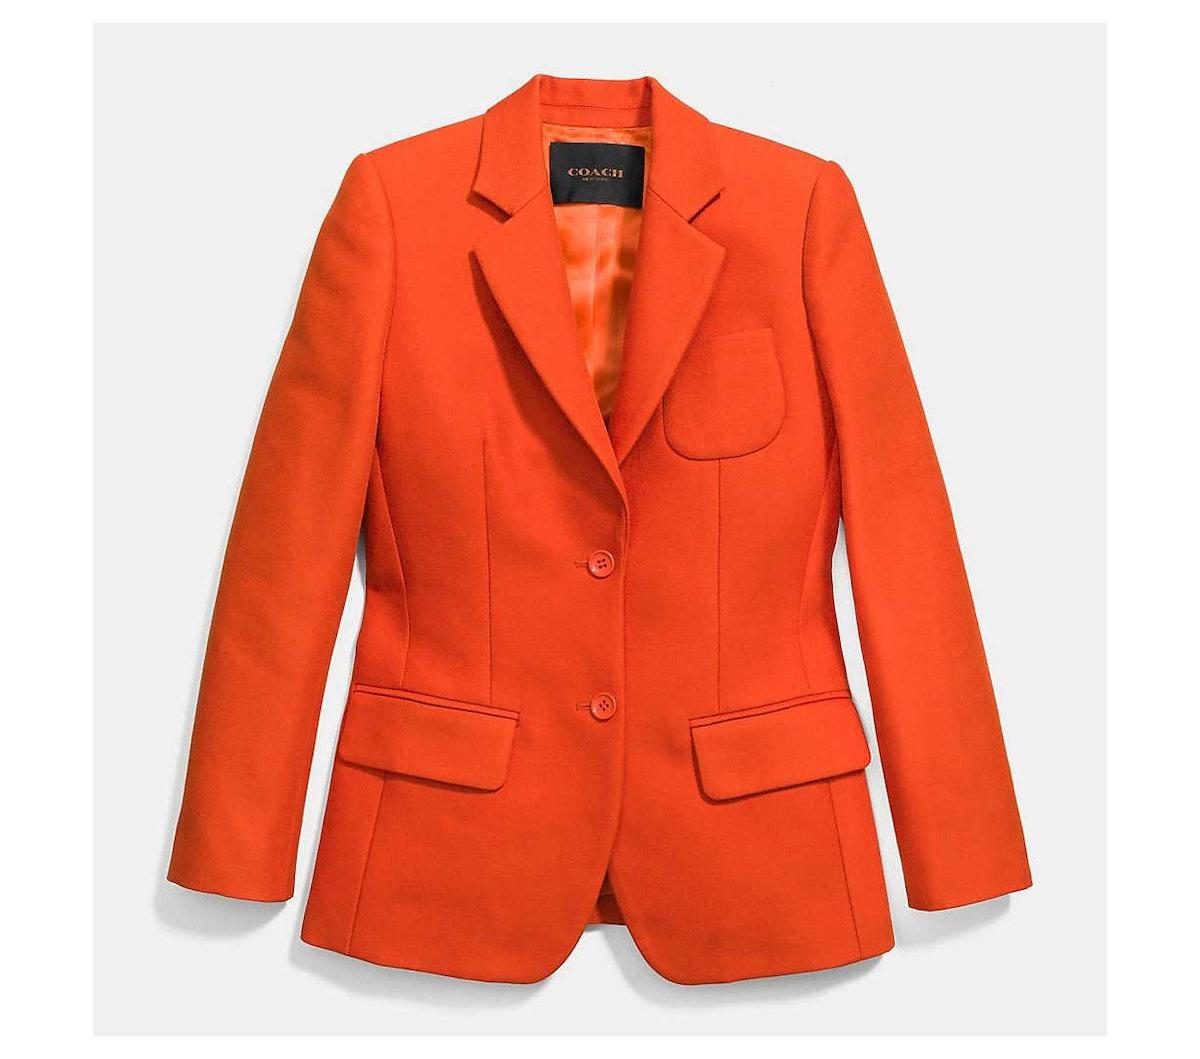 Coach suit jacket